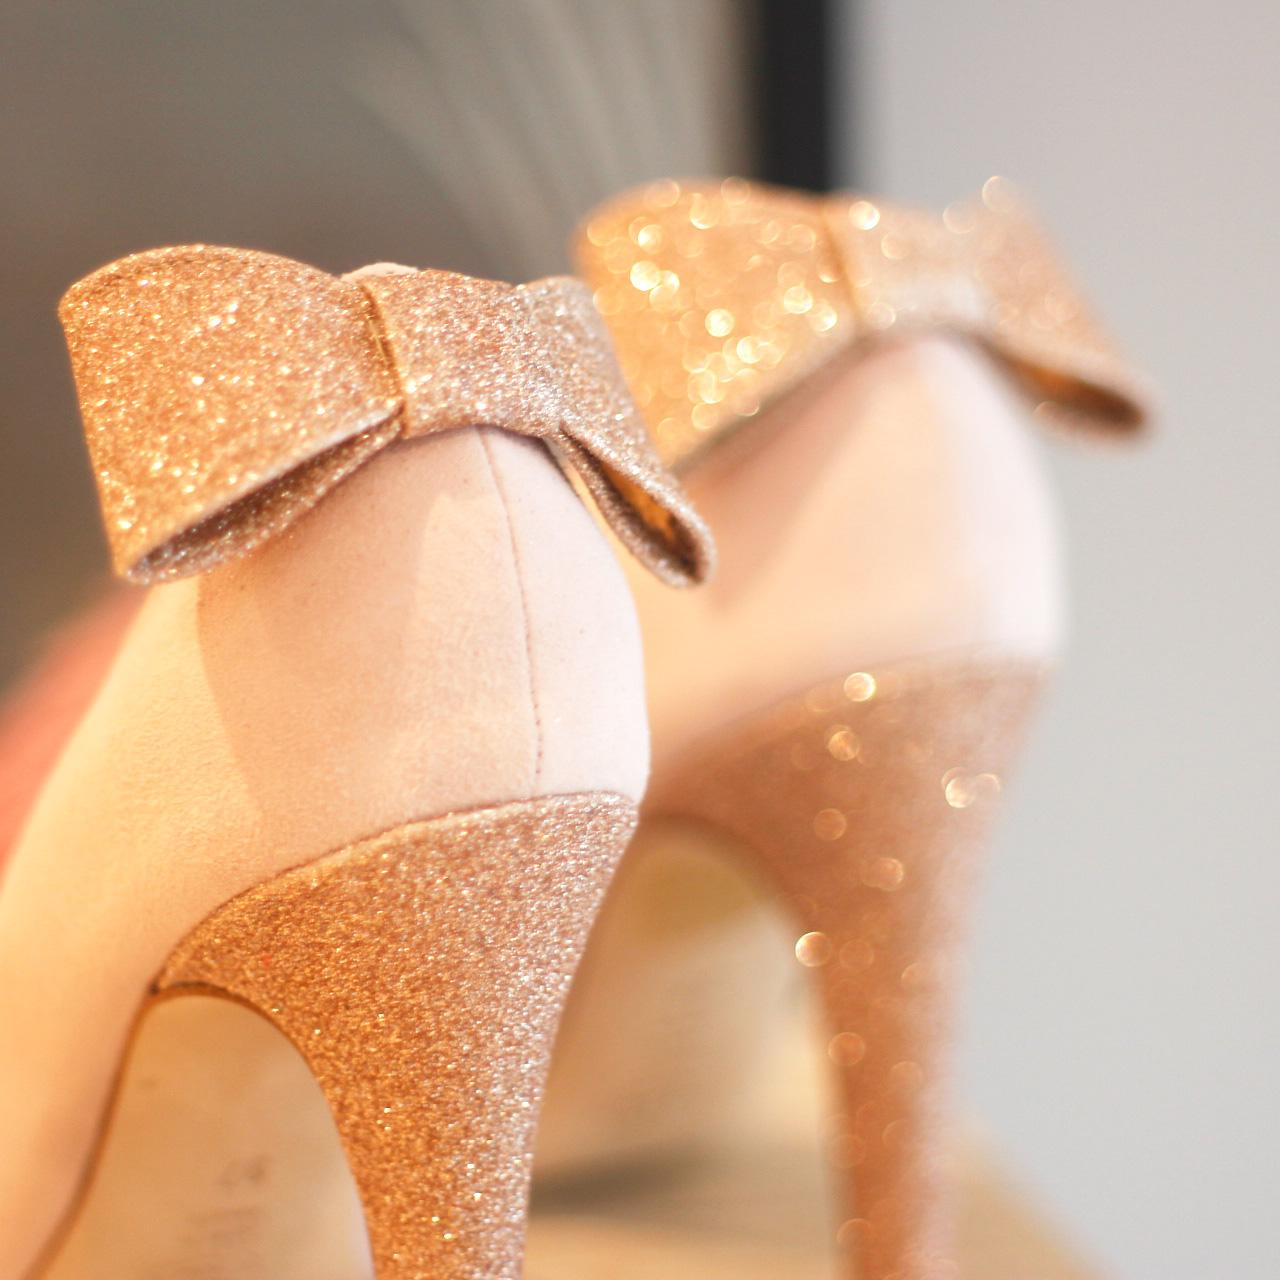 17982bfaf28d Avec Dessine-moi un soulier, vous allez forcément trouver chaussure à votre  pied. Faites marcher votre imagination et les équipes créatives de  Dessine-moi ...